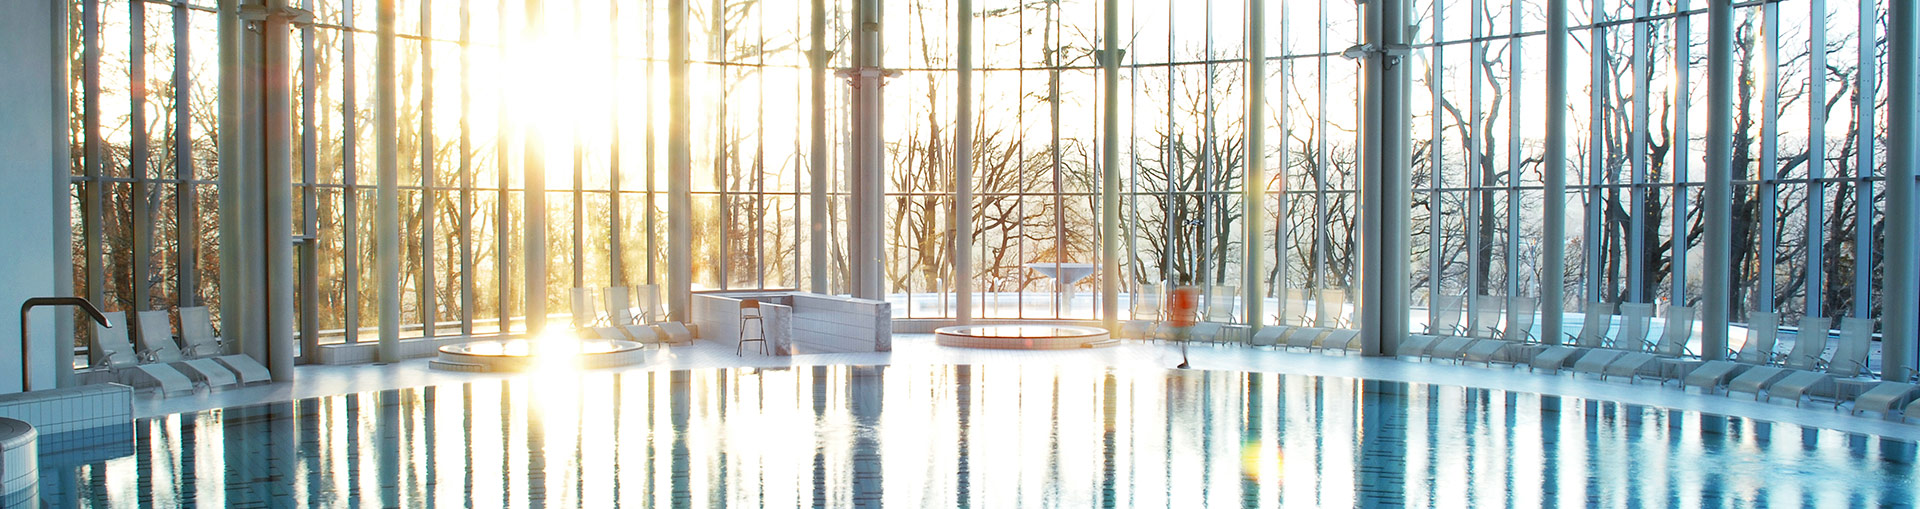 Horaires et tarifs les thermes de spa for Thermes spa